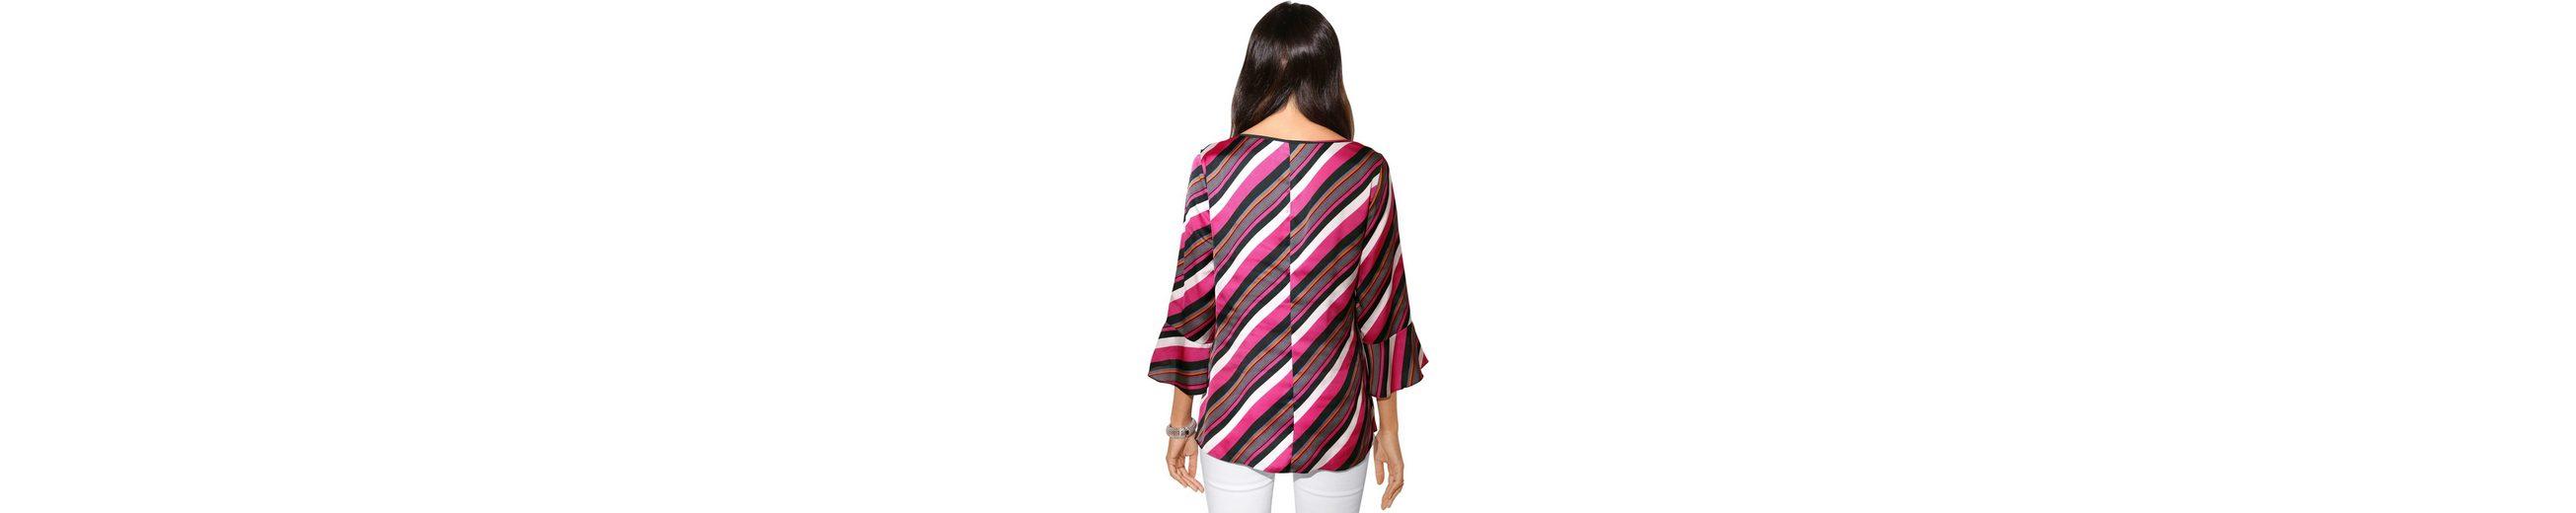 Bestes Großhandel Online Creation L Bluse im diagonalen Streifen-Dessin Online-Verkauf s8zzd